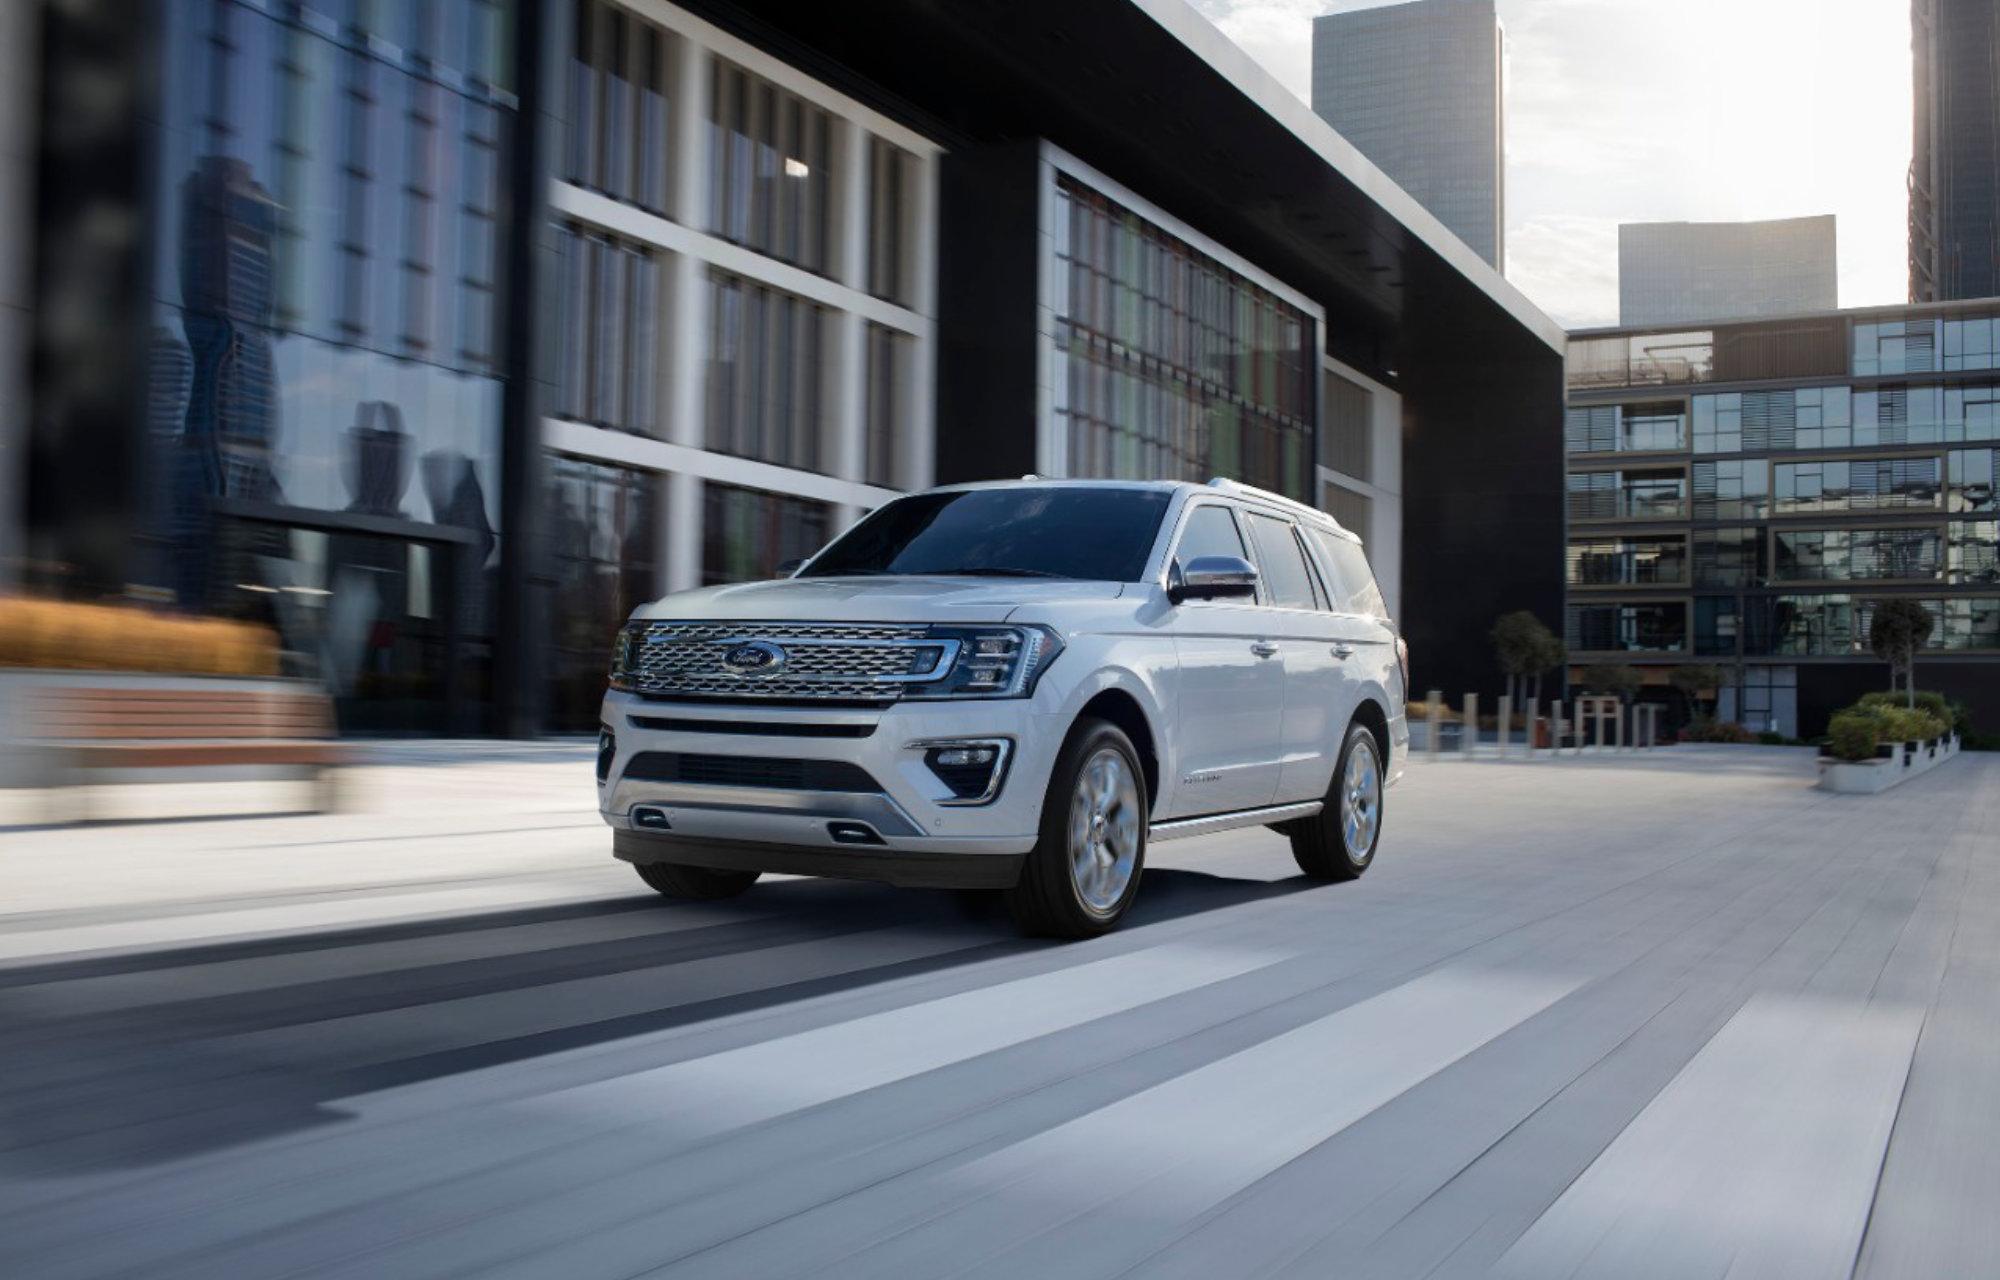 Cinq modèles Ford reçoivent les plus hautes distinctions selon J.D Power